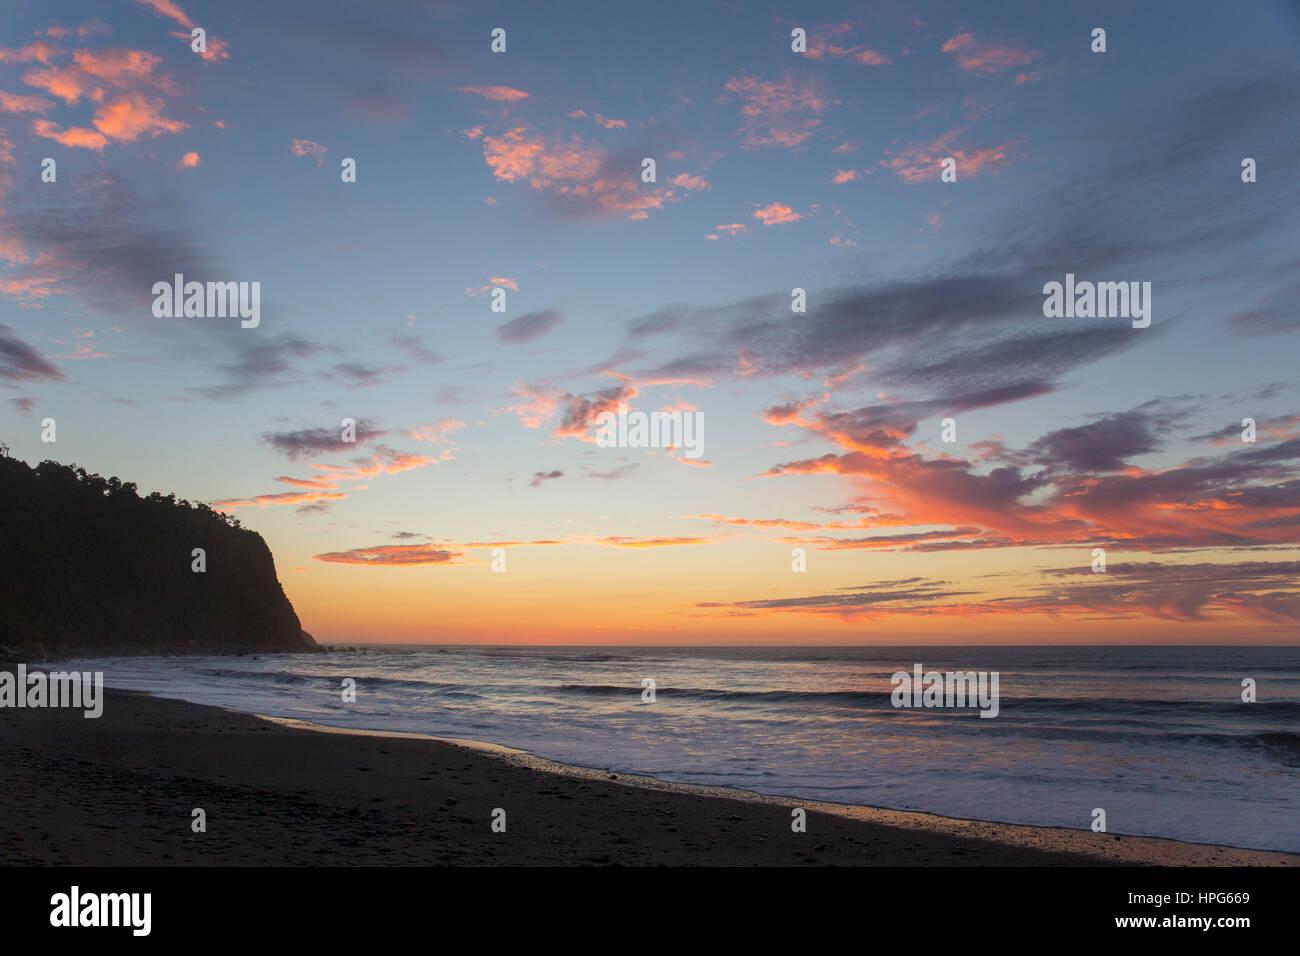 Westland Tai Poutini Okarito, Parc National, côte ouest, Nouvelle-Zélande. Ciel coloré sur la mer de Tasman, au crépuscule. Banque D'Images